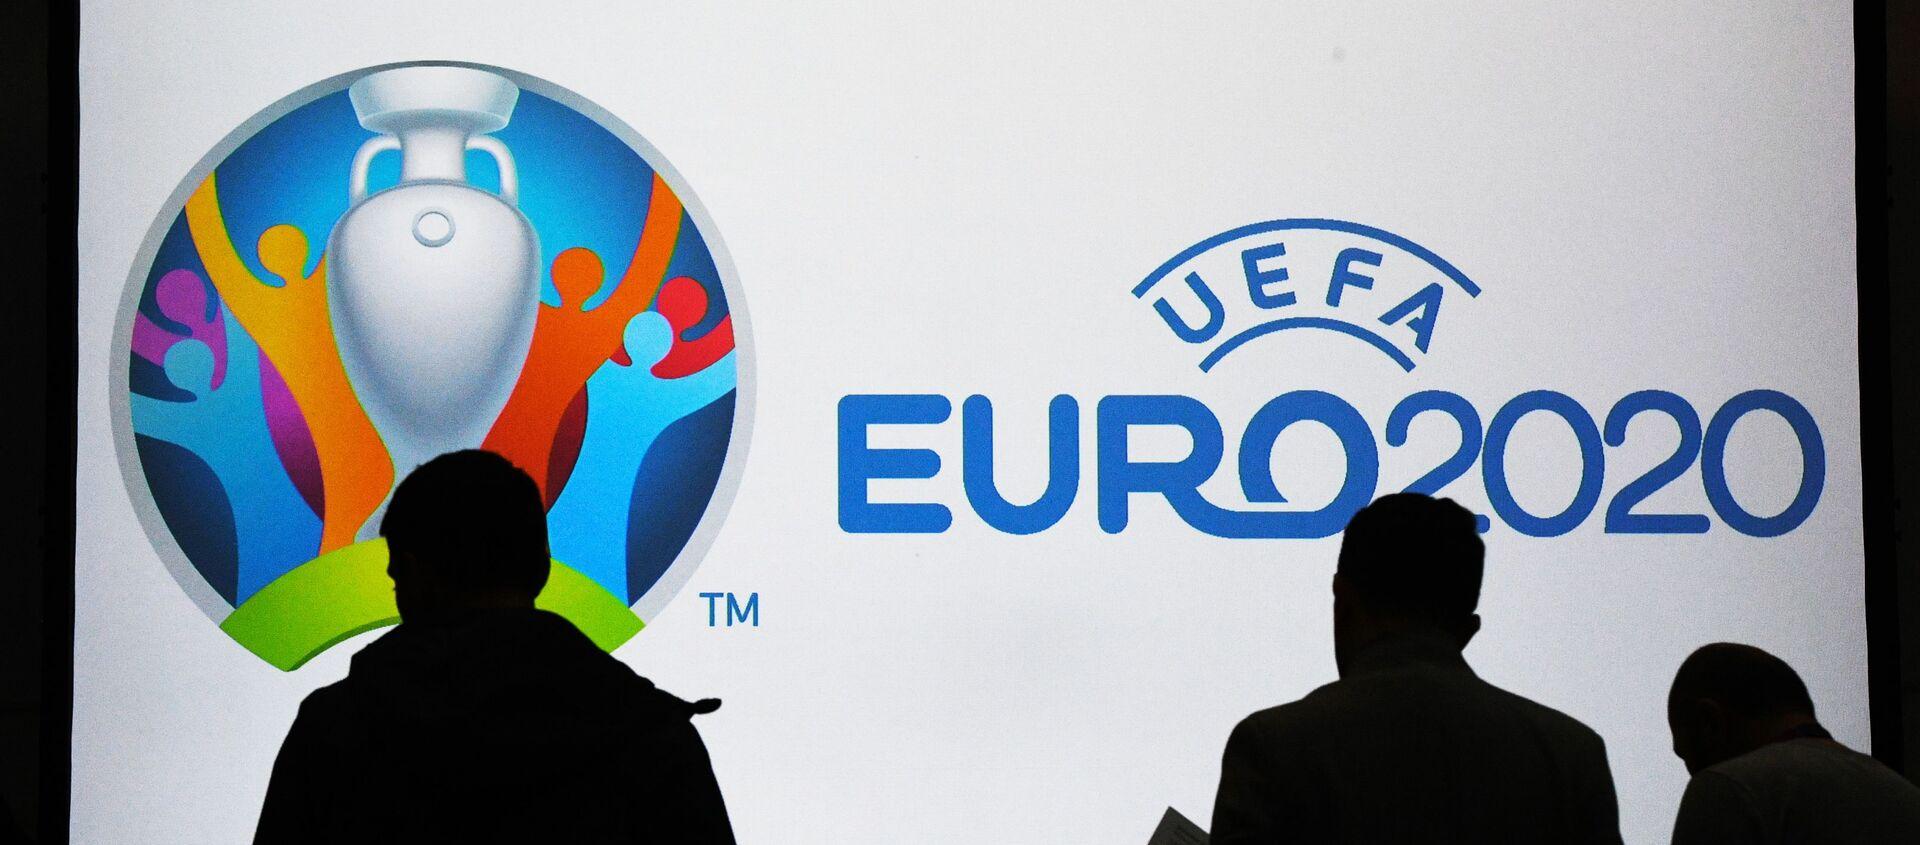 УЕФА Европско првенство у фудбалу 2020 - Sputnik Србија, 1920